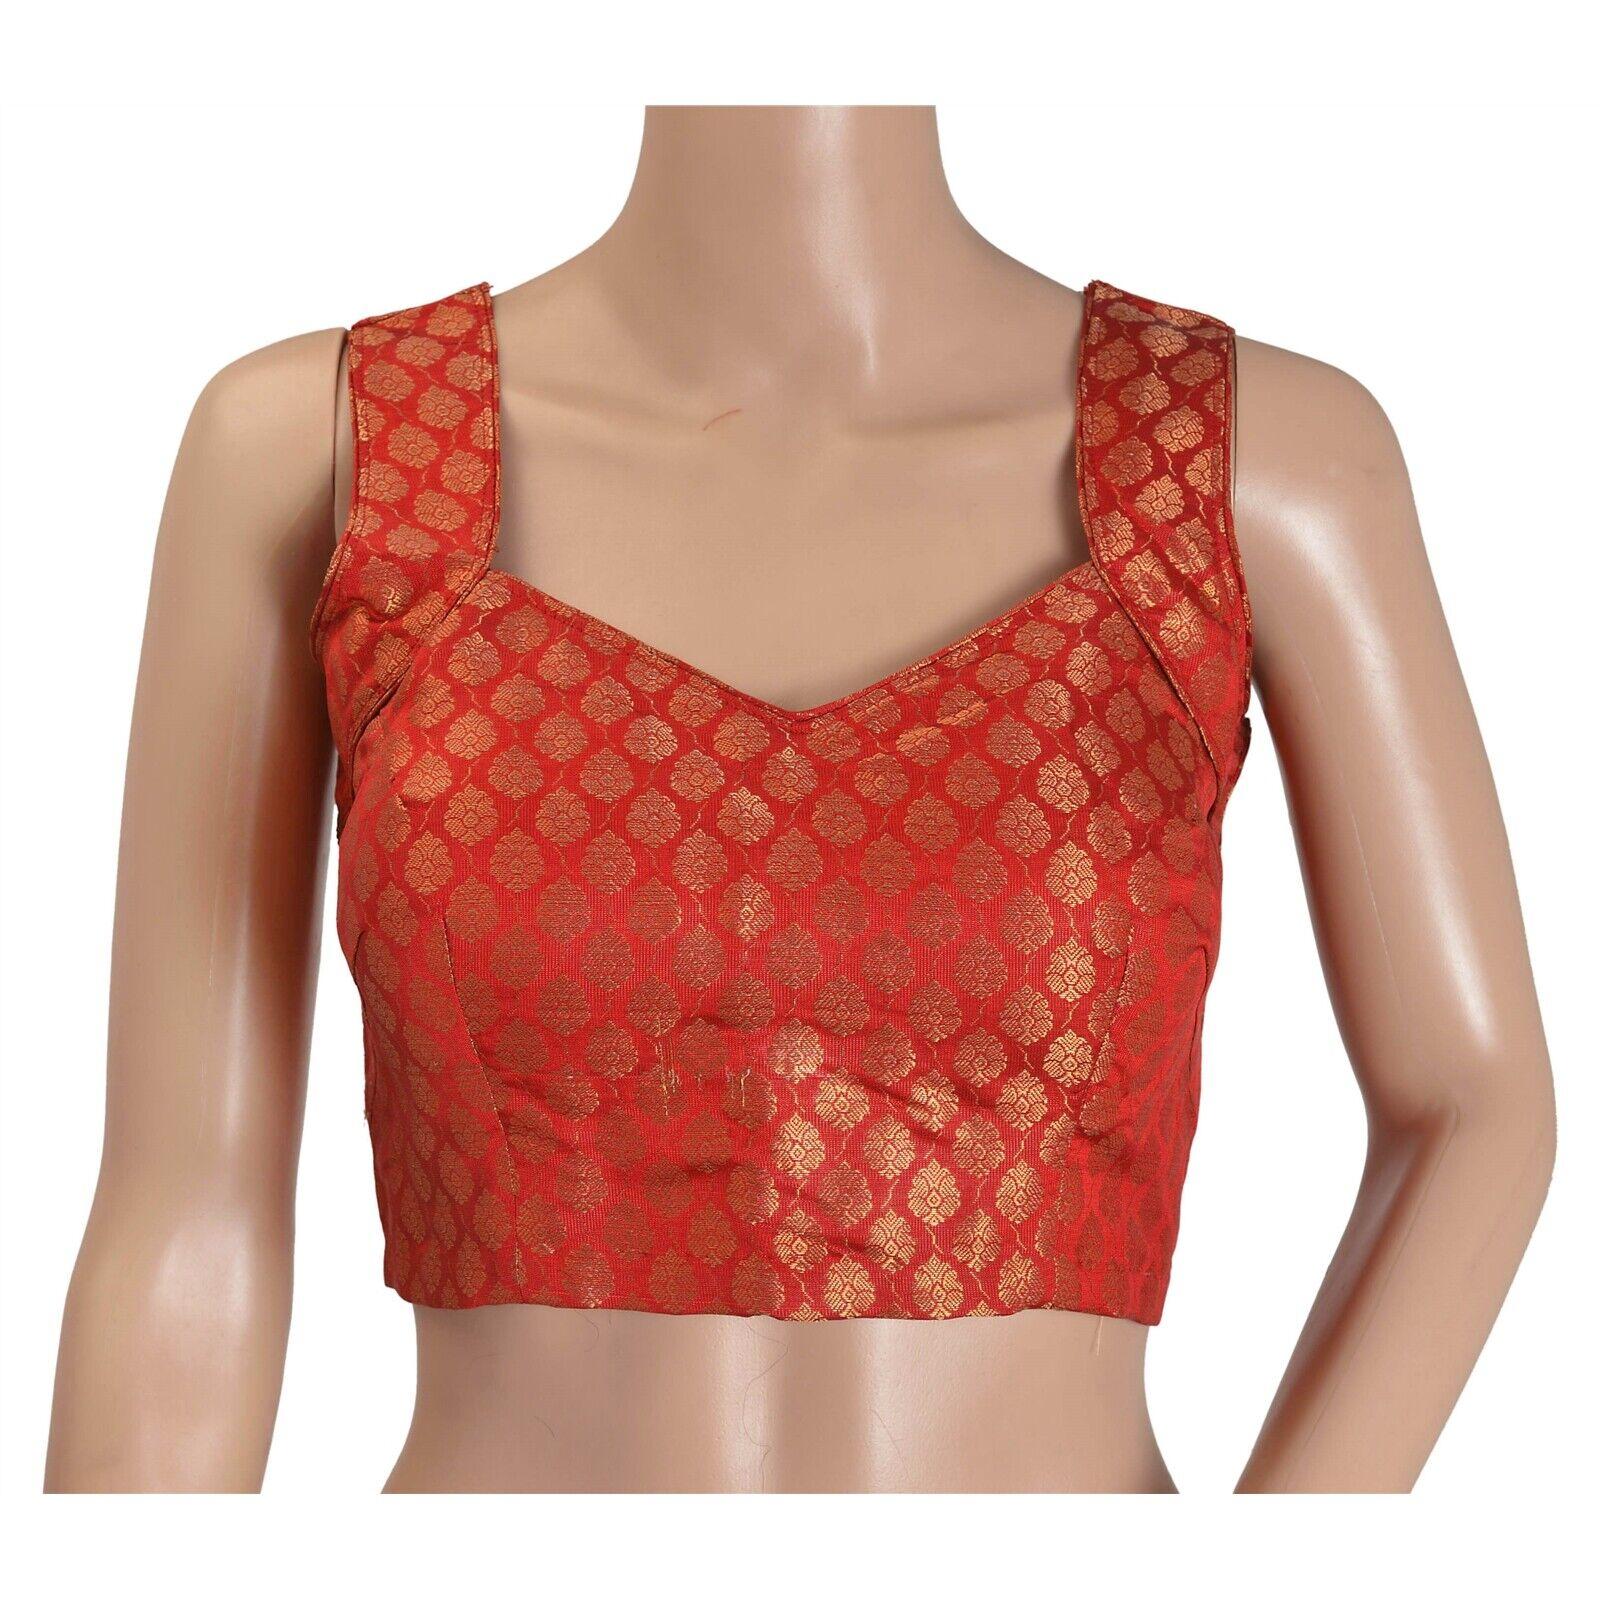 Sanskriti nouveau rouge Crop Top Chanderi Silk tissu tissé rembourré chemisier Saree Choli